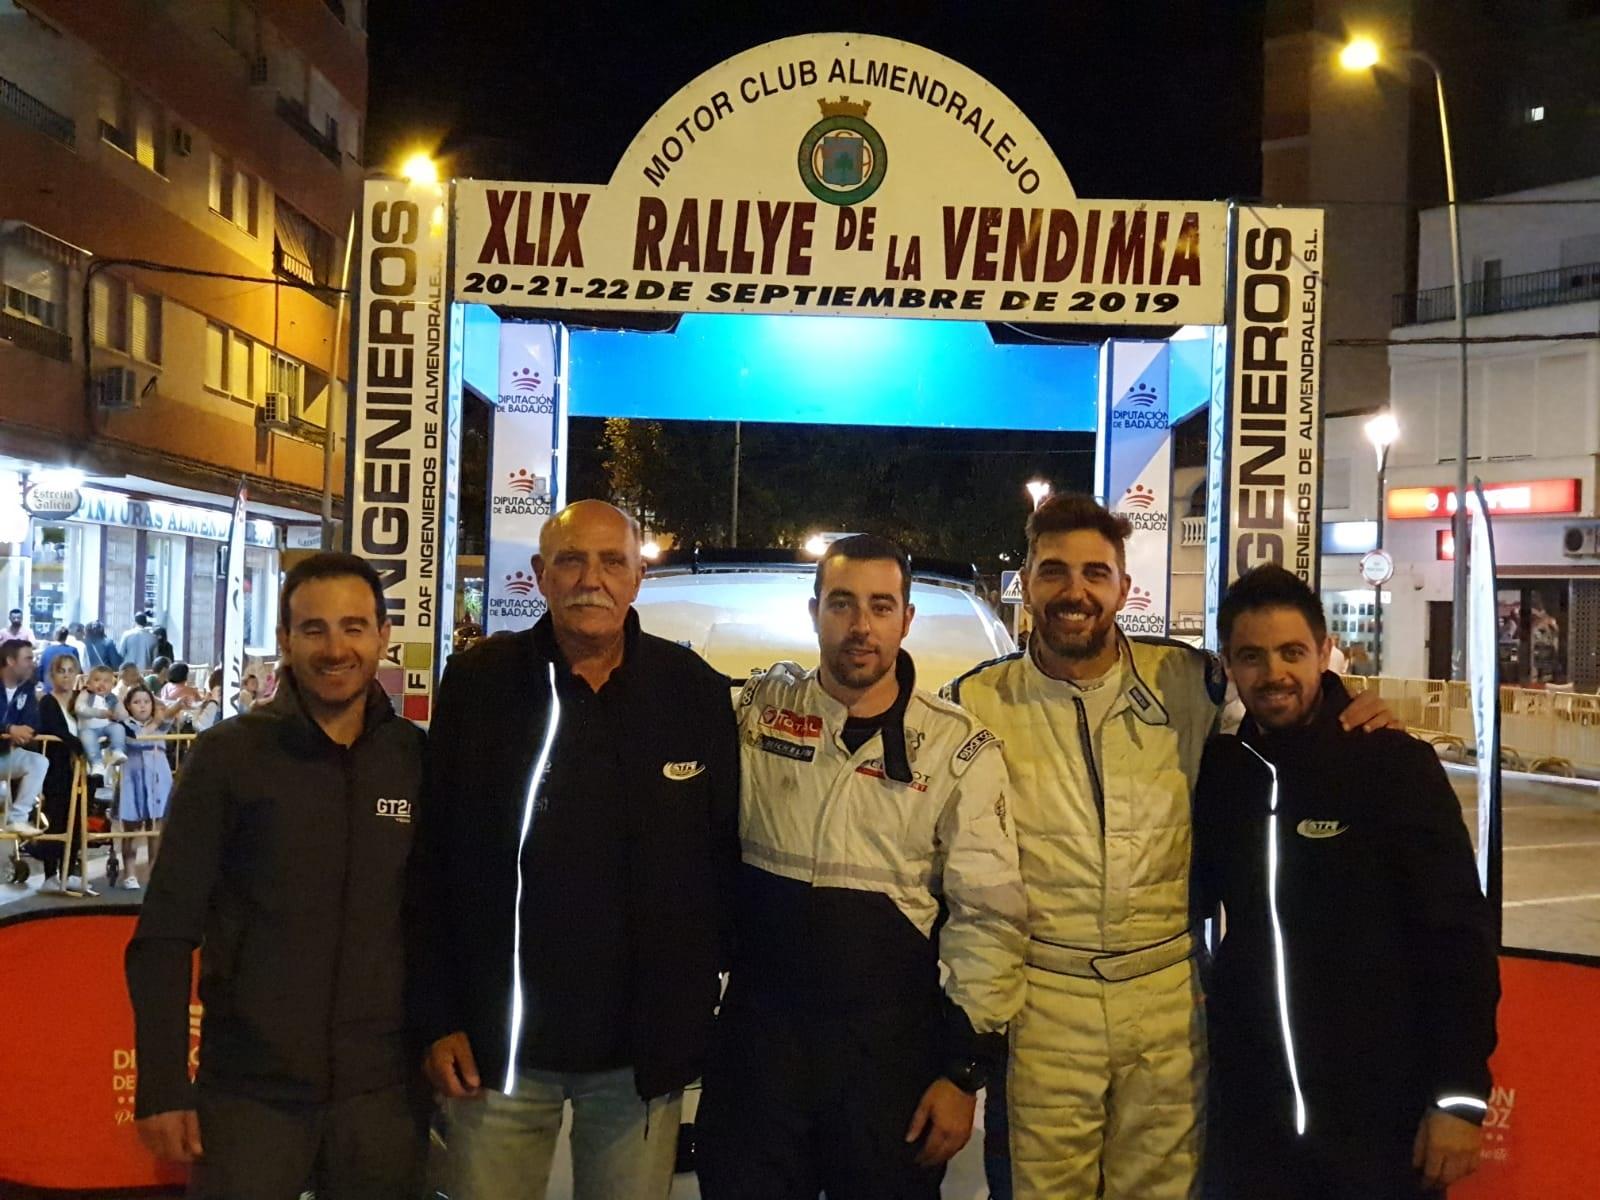 Resultado de imagen de rallye vendimia 2019